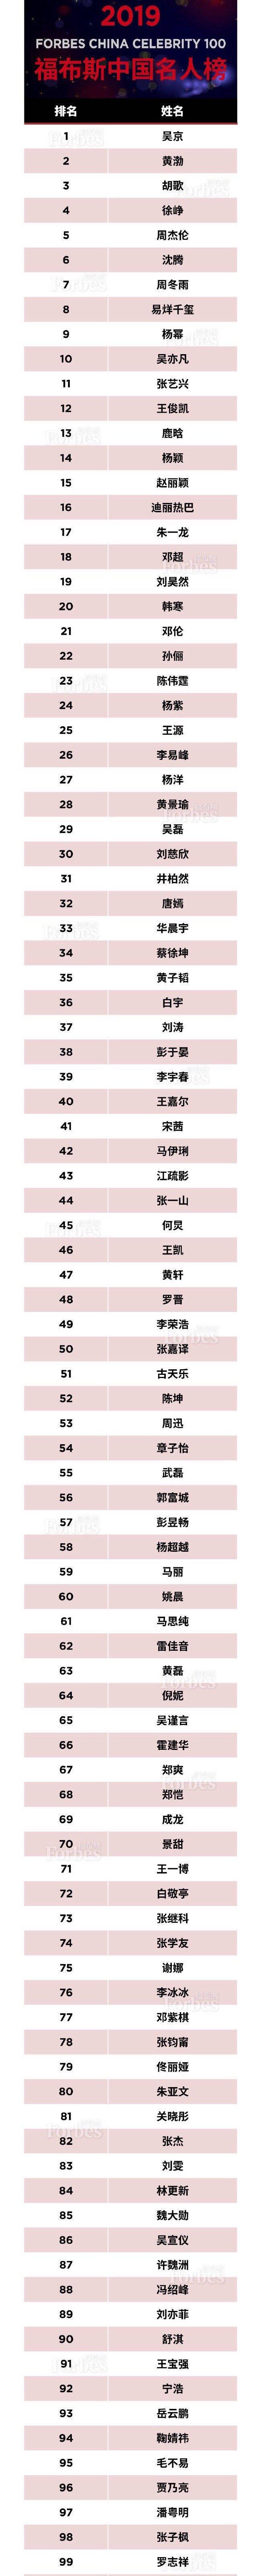 福布斯中国发布2019中国名流榜:吴京荣登榜首!